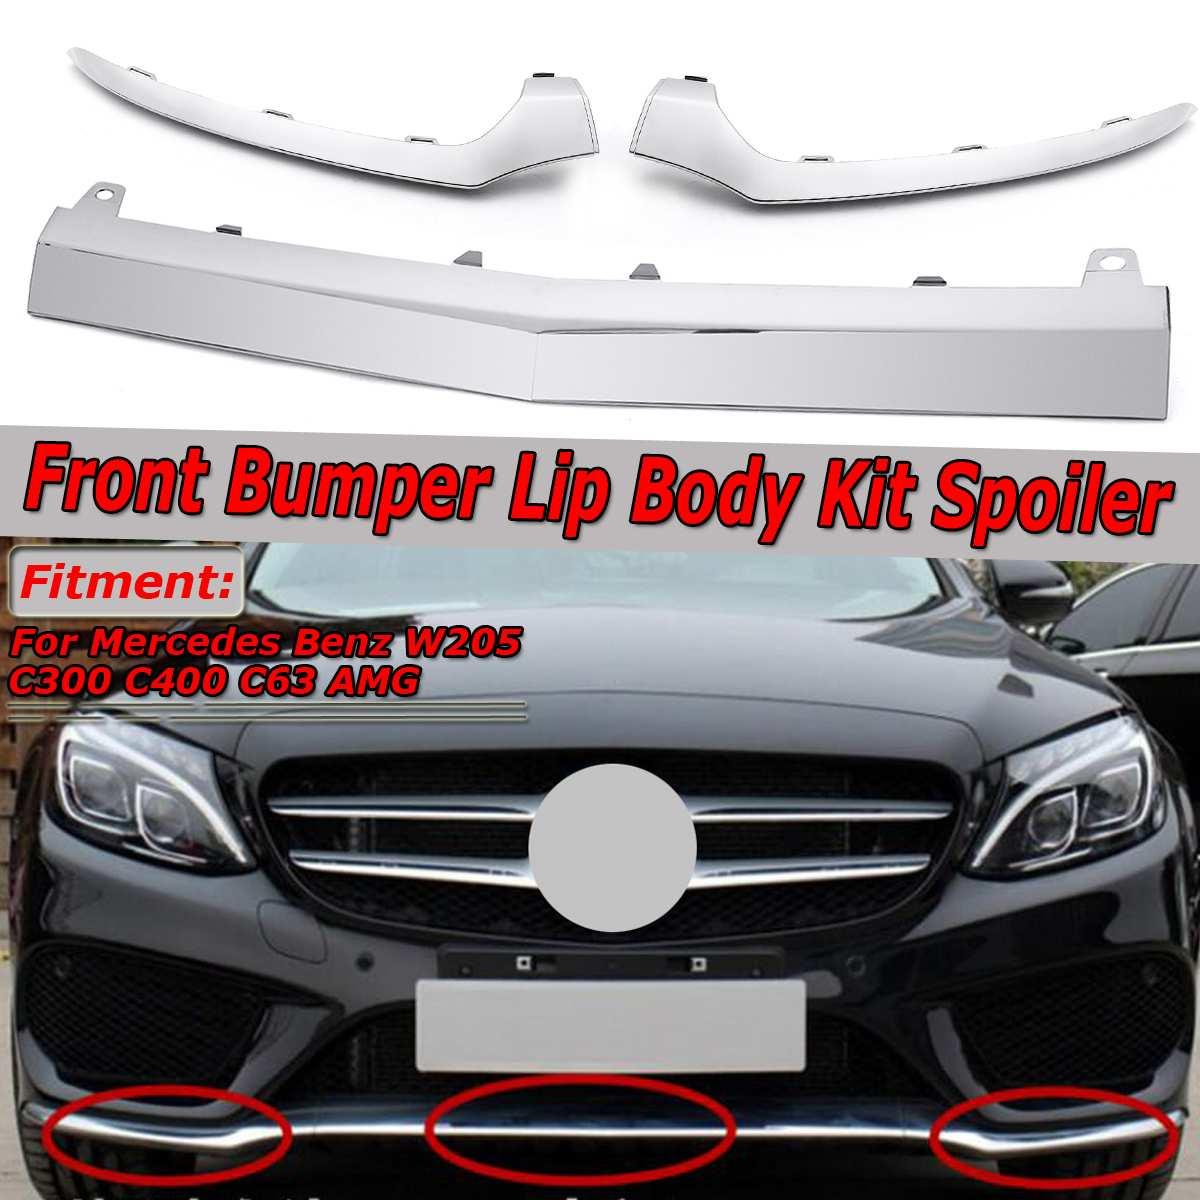 クローム/ブラック車のフロント下部バンパー Lip スプリッタクローム成形カバートリムメルセデスベンツのため W205 C300 C400 c63 Amg